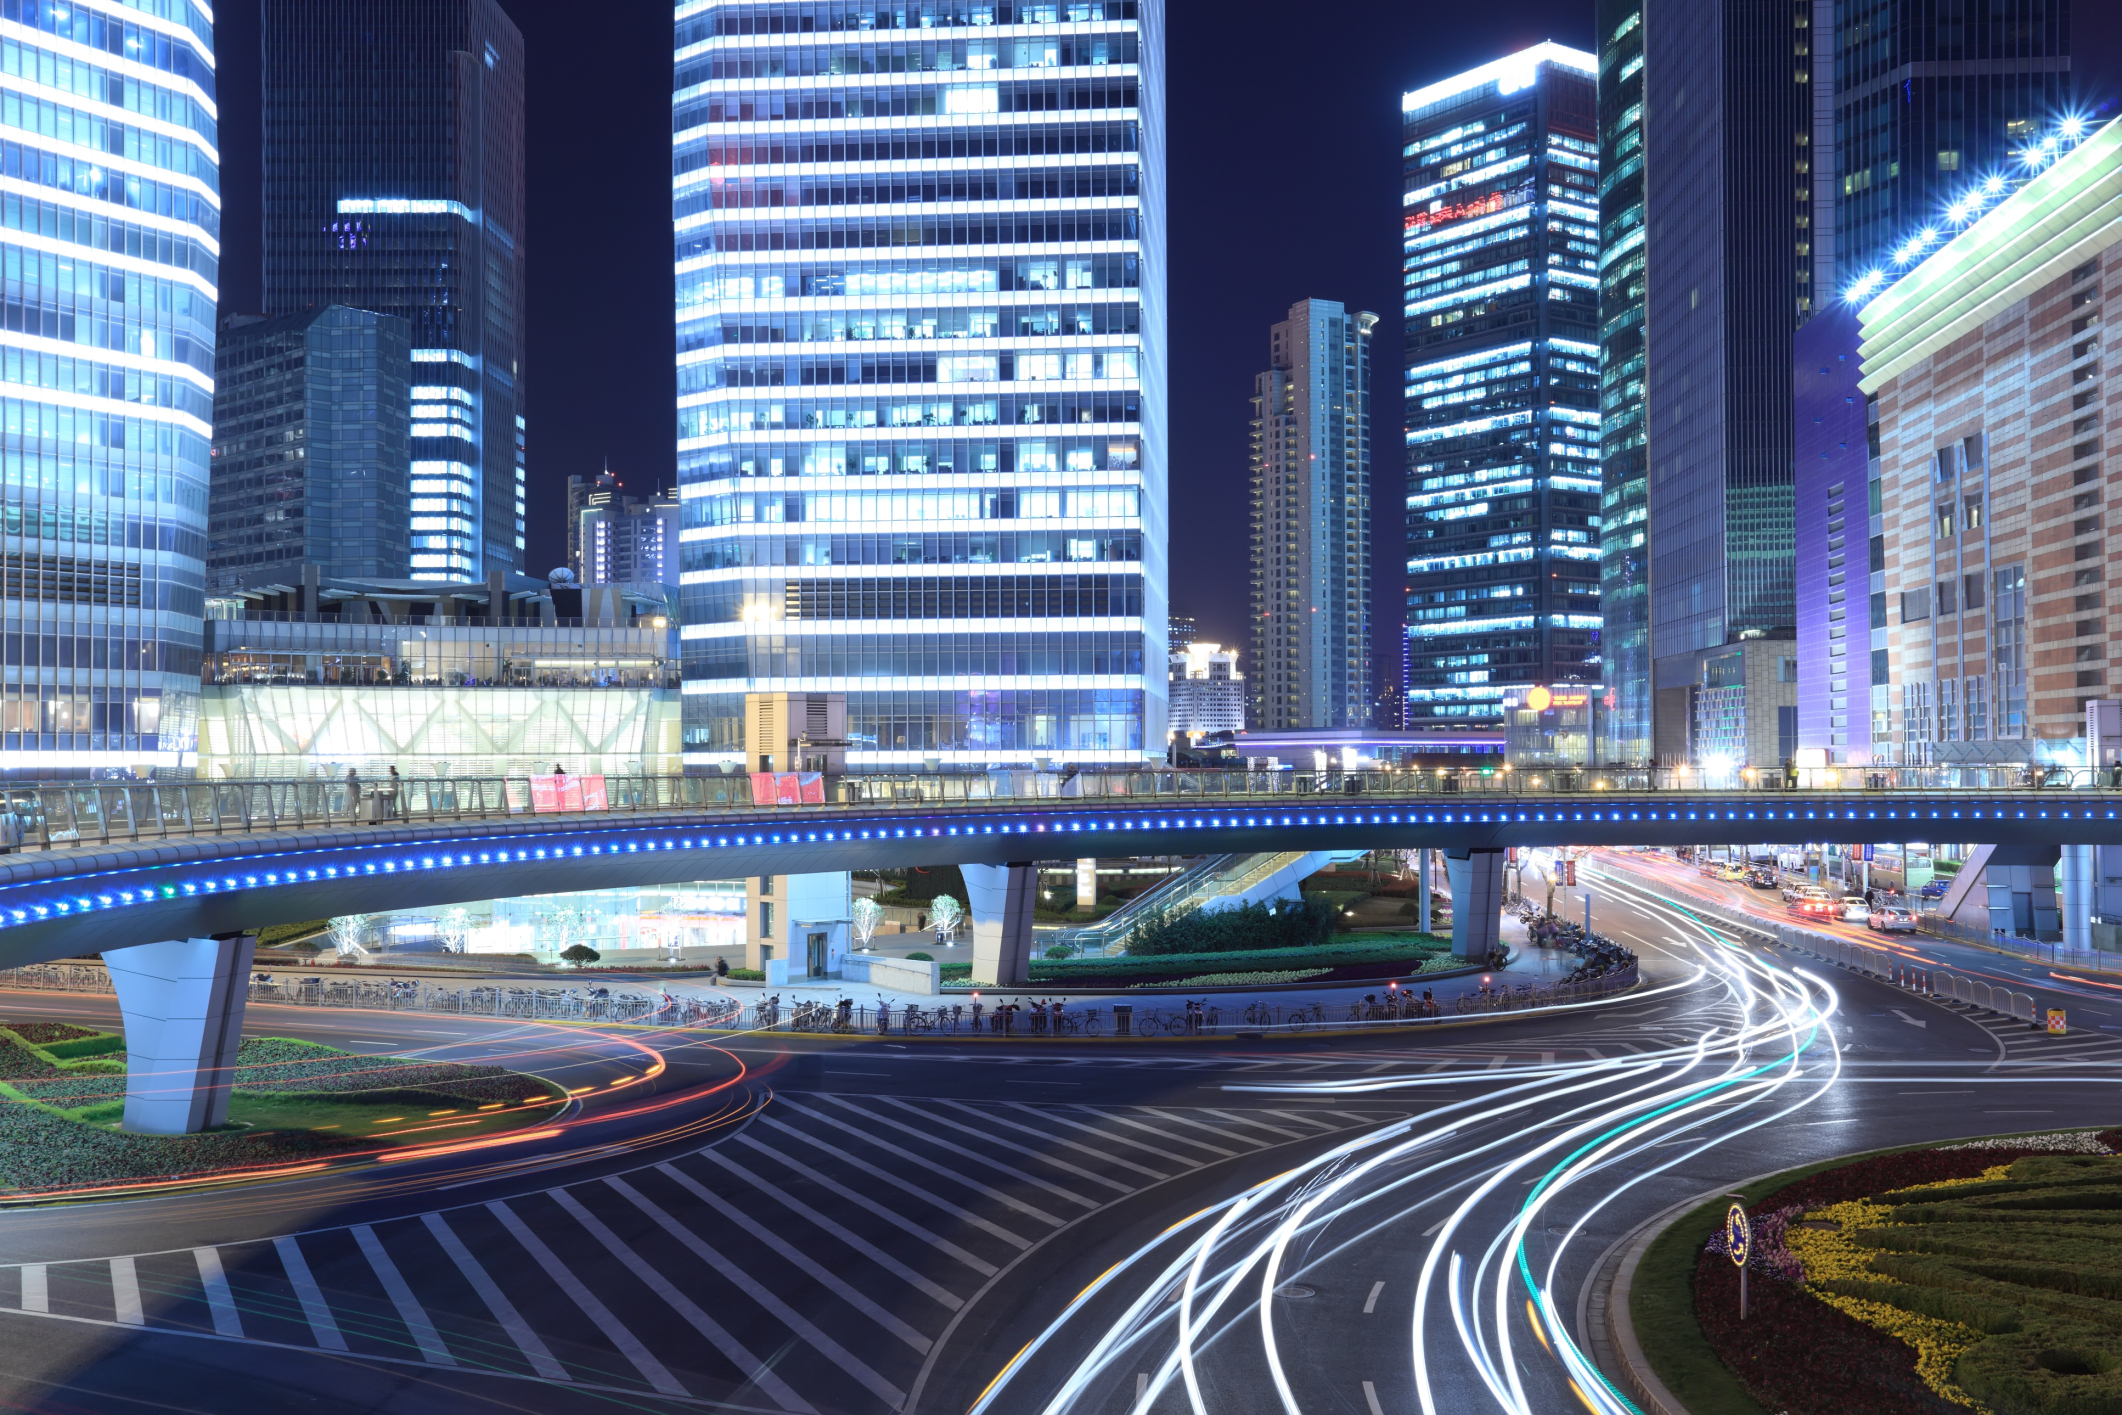 Una delle nuove logiche progettuali da gestire è quella legata alle Smart Cities